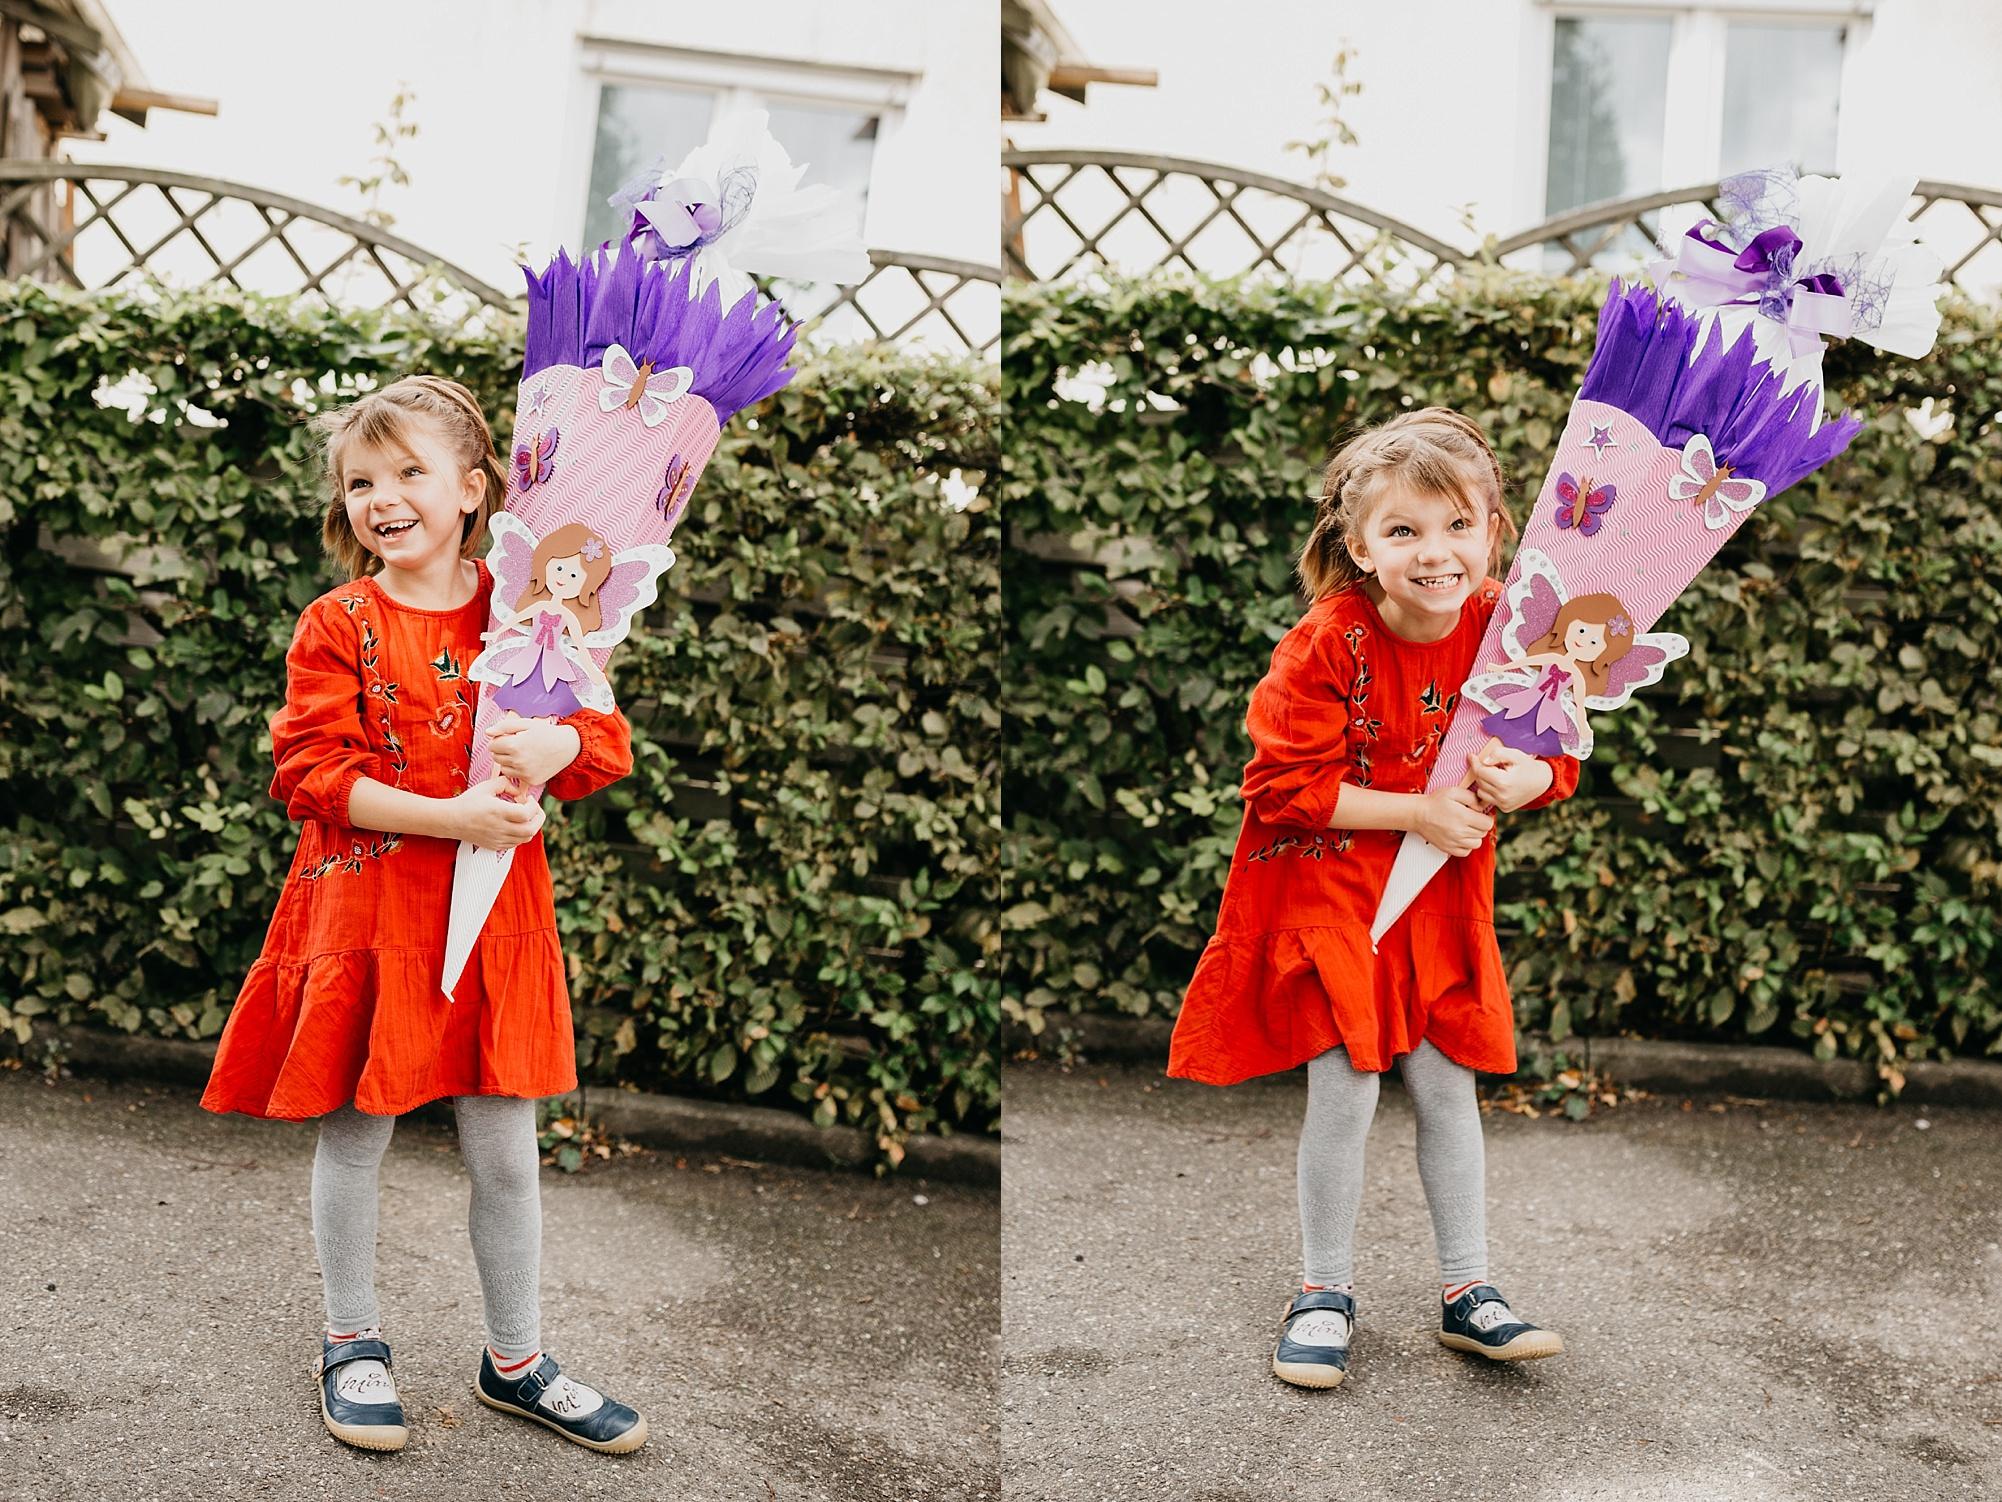 Einschulung Portrait eines Mädchens mit Schultüte